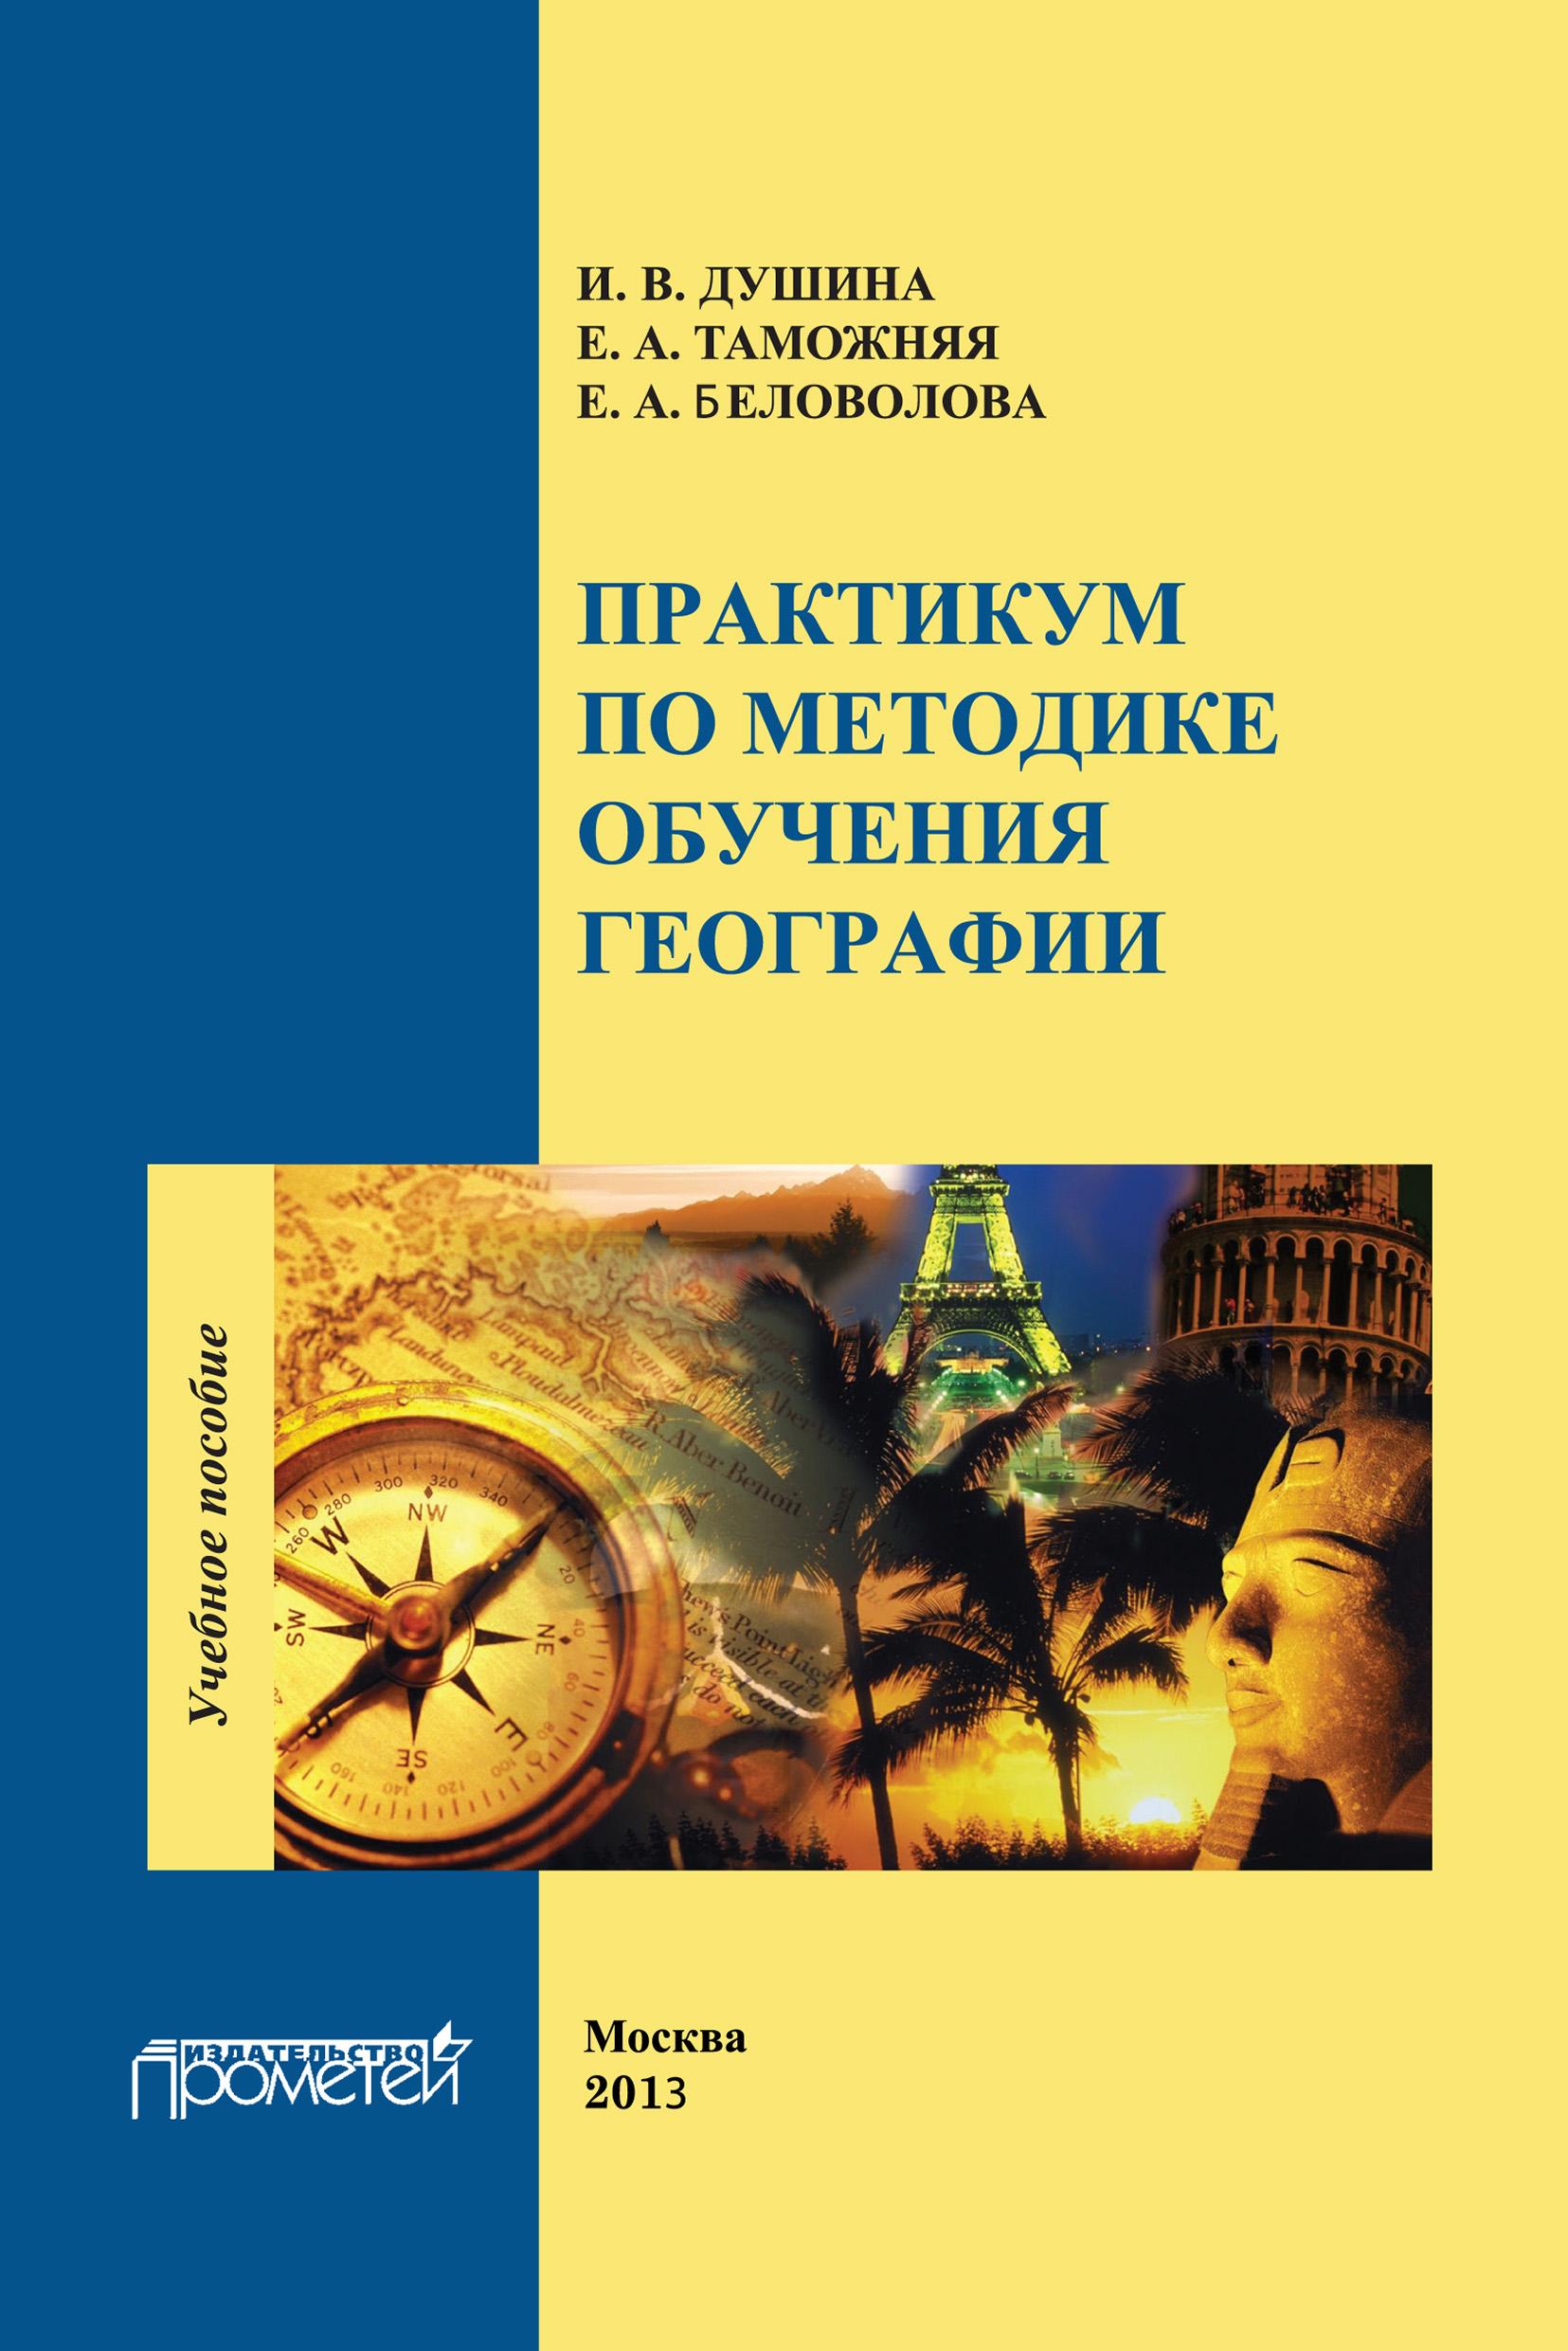 Е. А. Беловолова Практикум по методике обучения географии